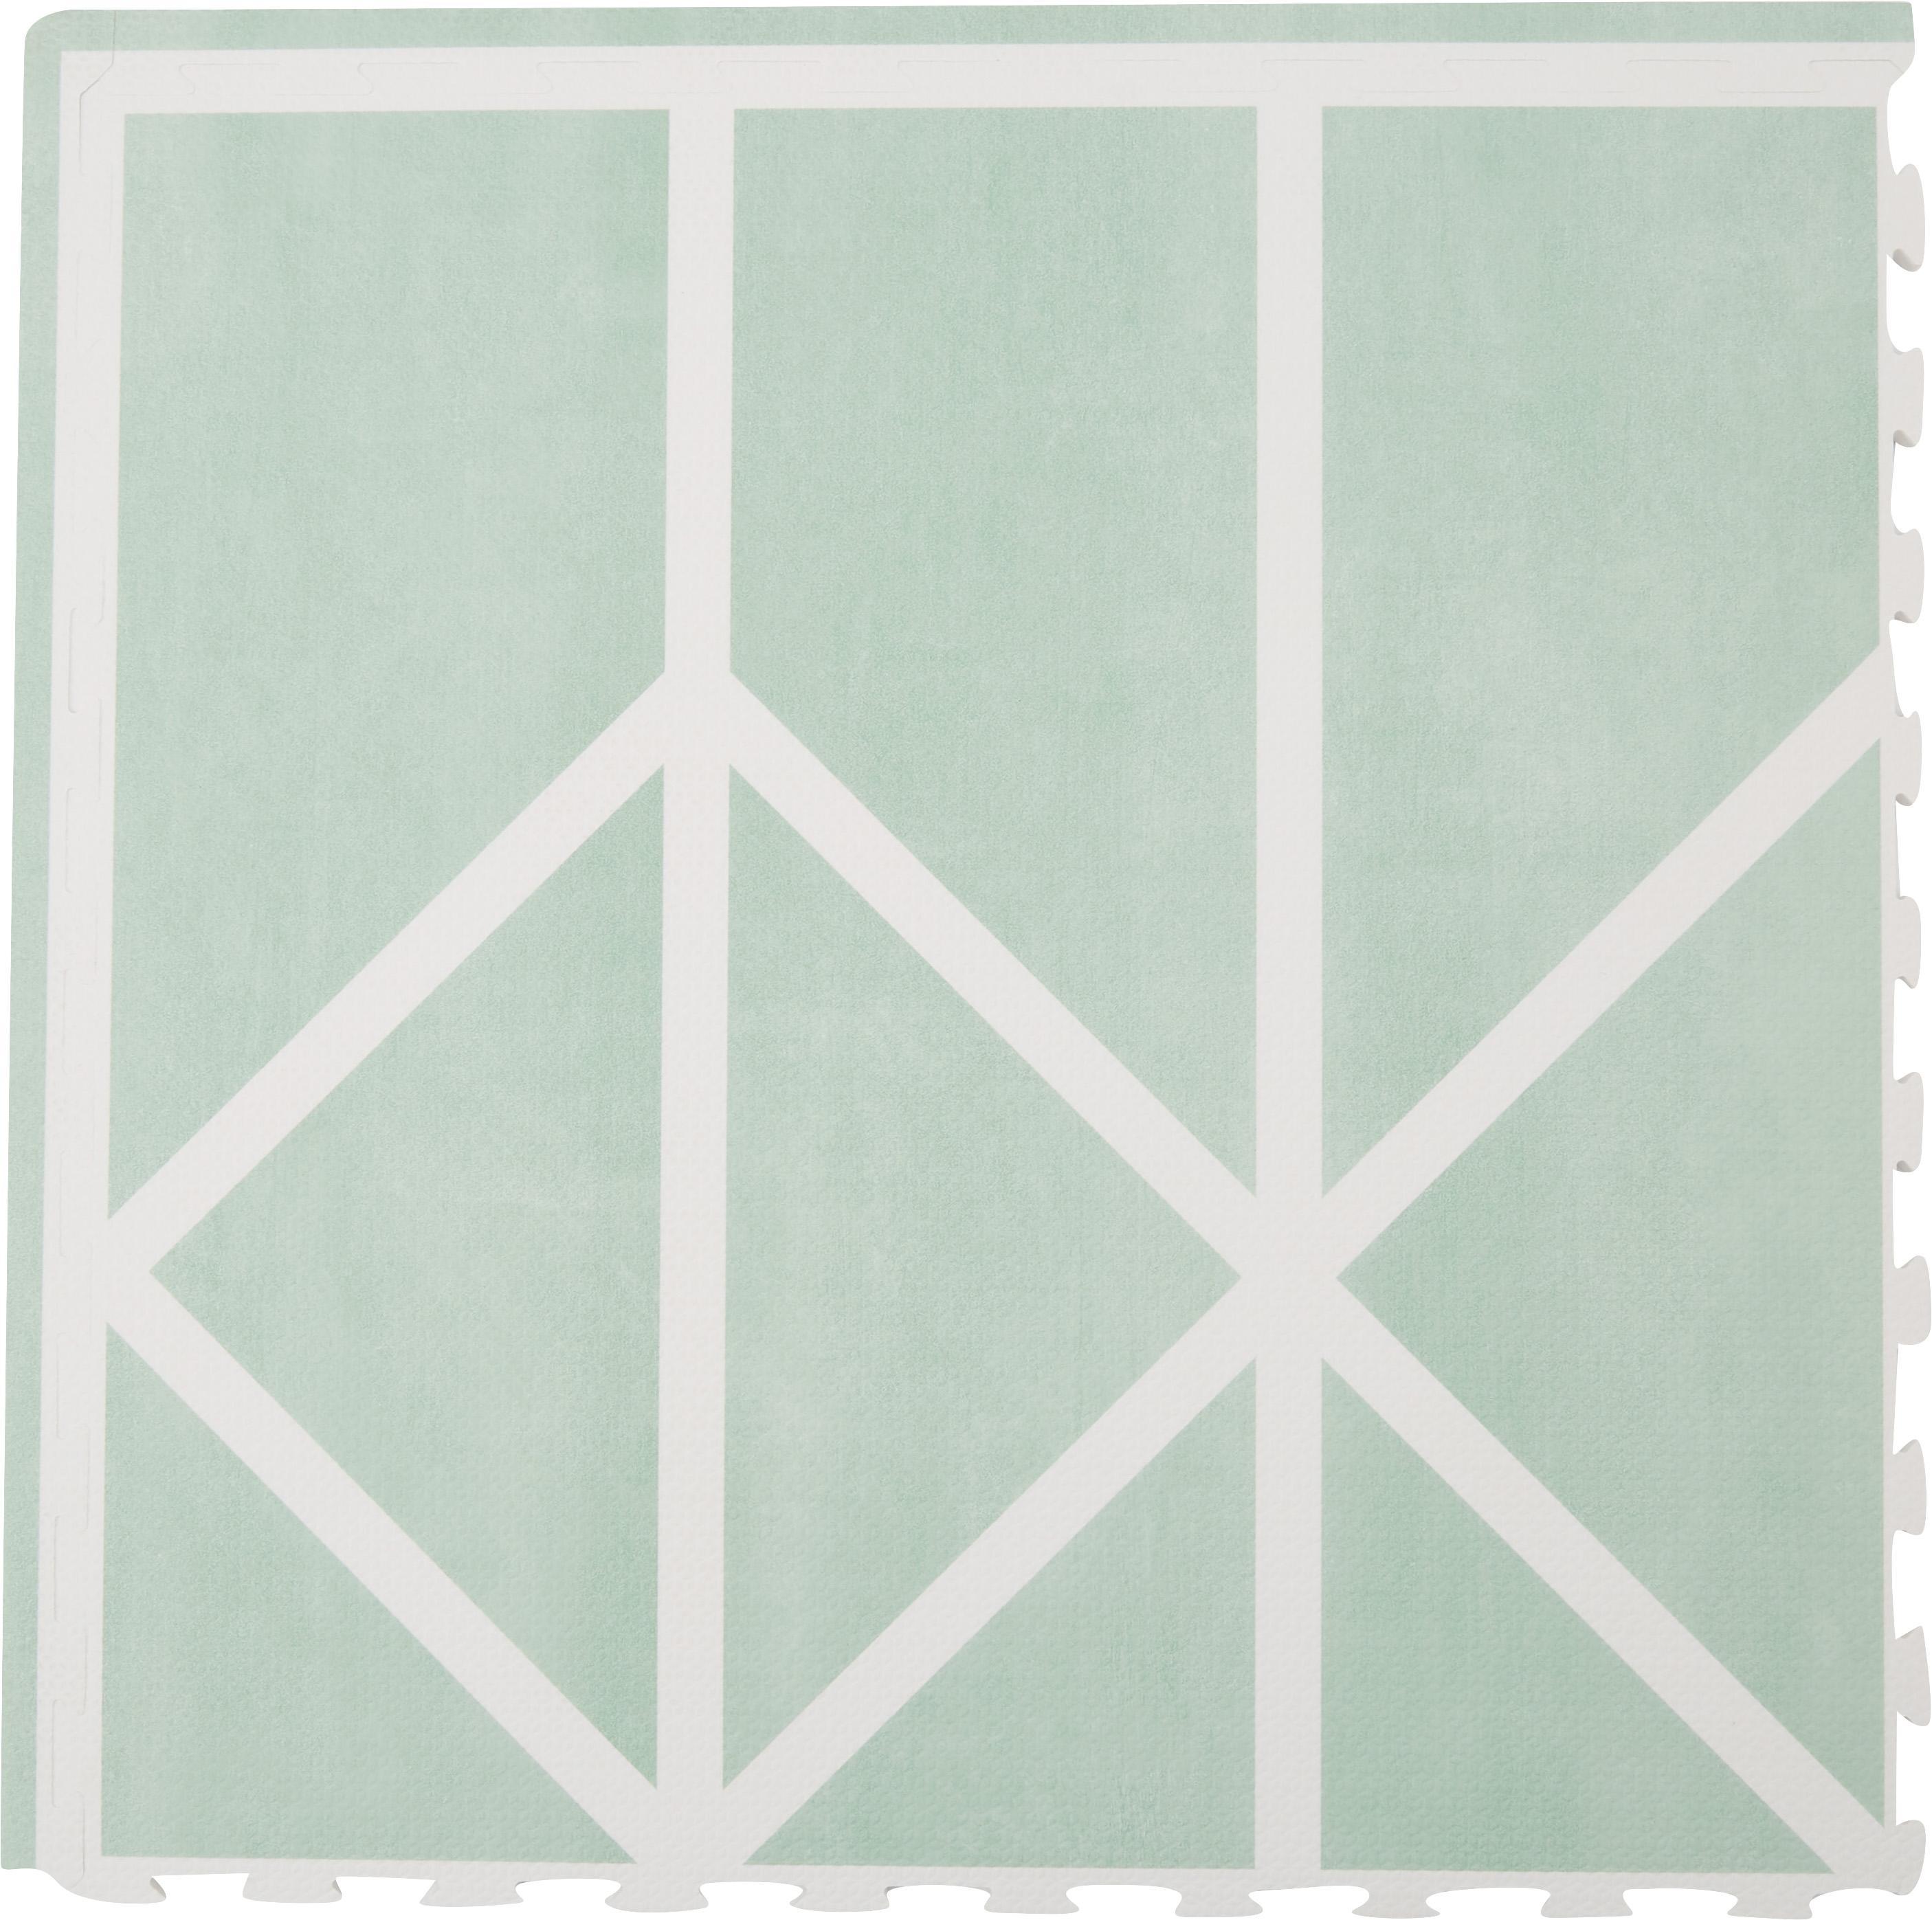 Erweiterbares Spielmatten-Set Nordic, 18-tlg., Schaumstoff (EVAC), schadstofffrei, Grün, Creme, 120 x 180 cm